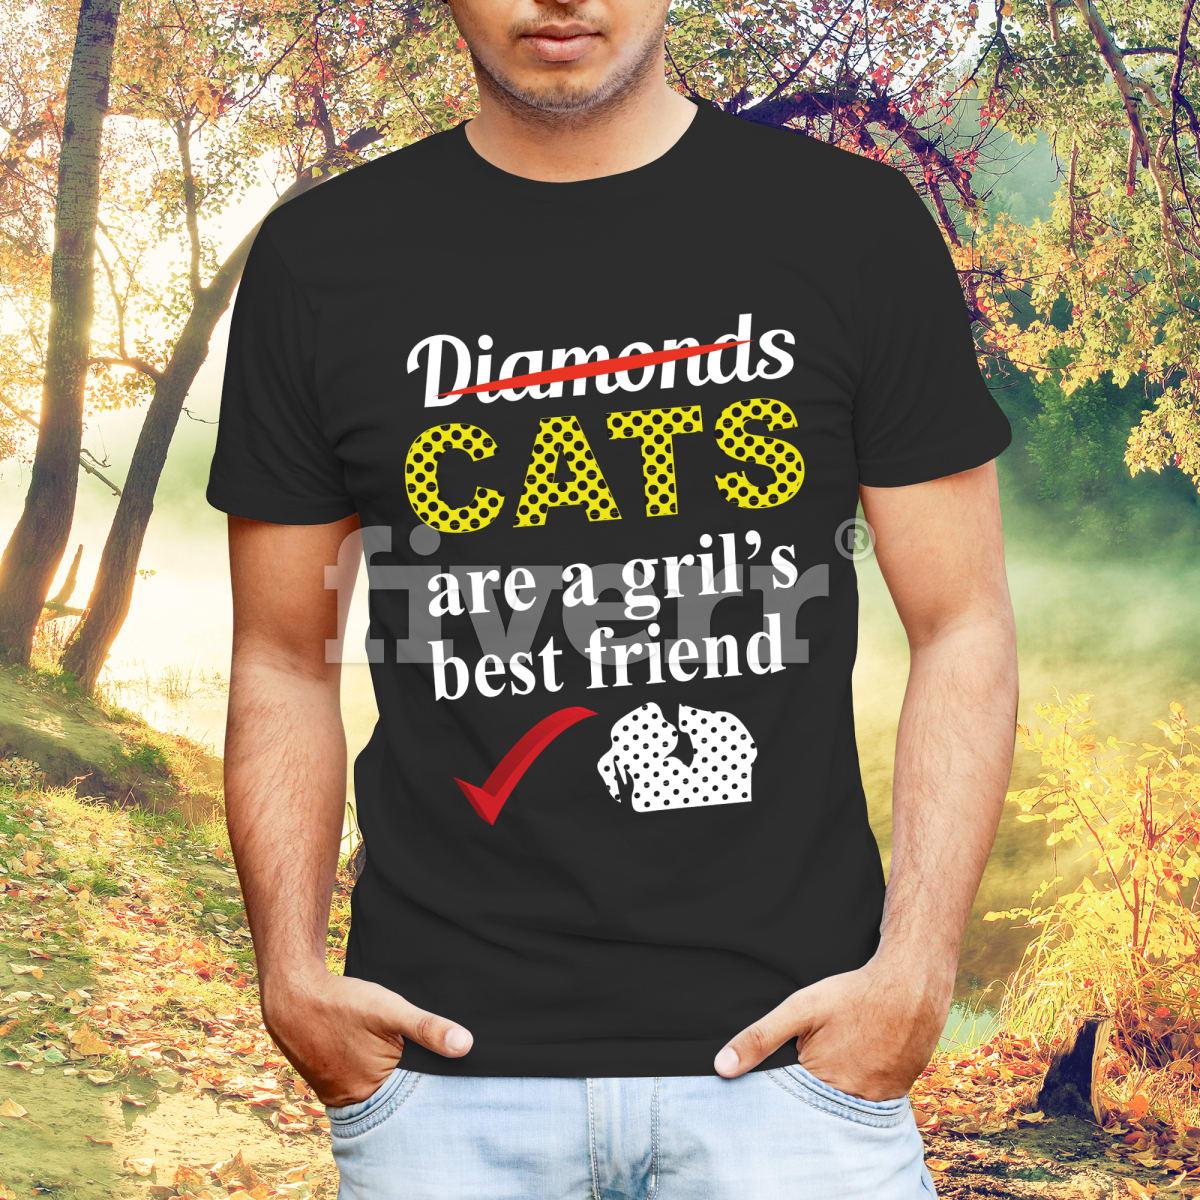 T Shirt Design Ideas For Best Friends